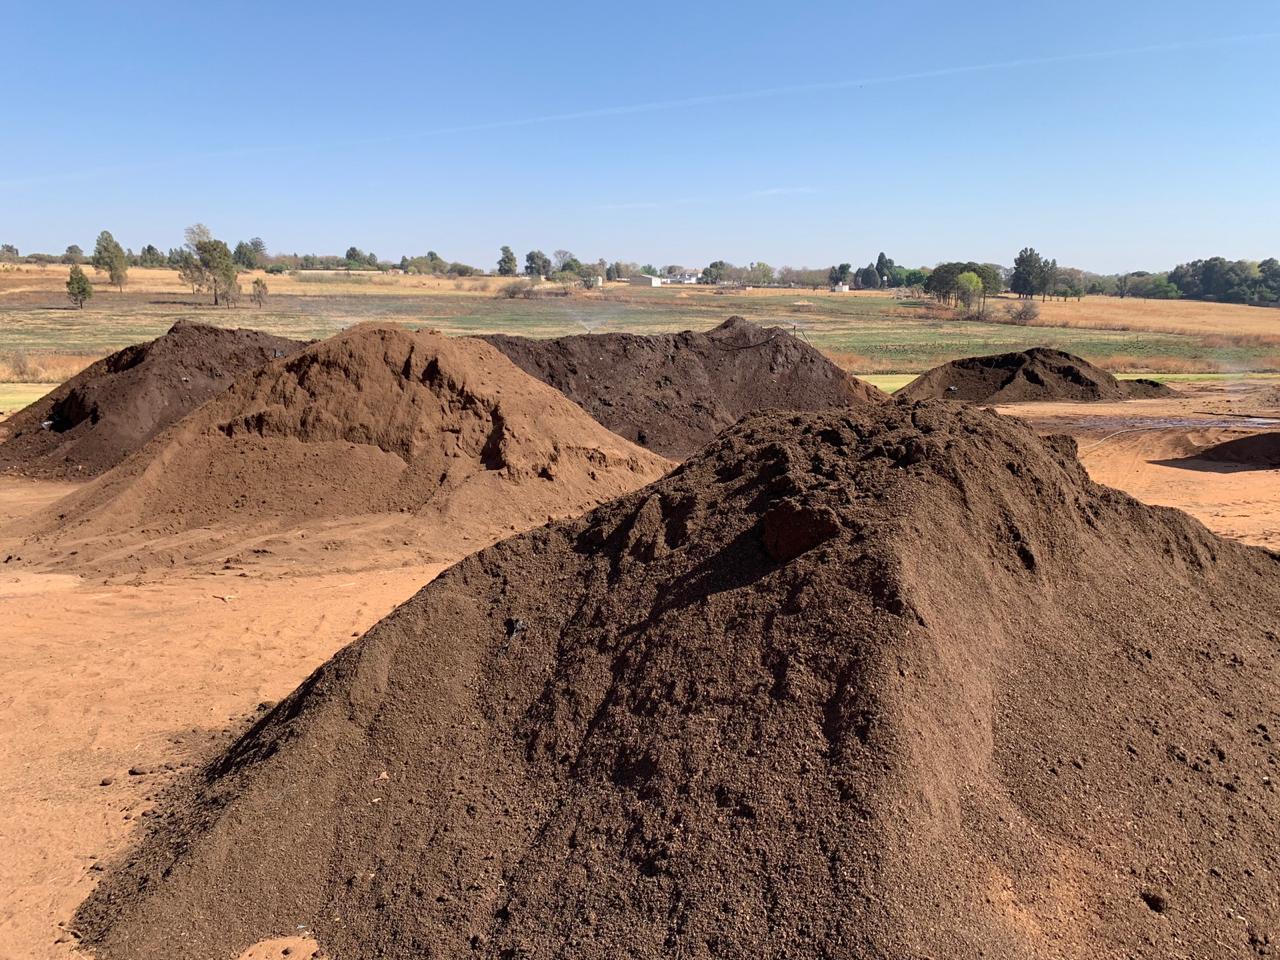 https://ecoturf.co.za/wp-content/uploads/2020/10/EcoTurf-compost.jpg